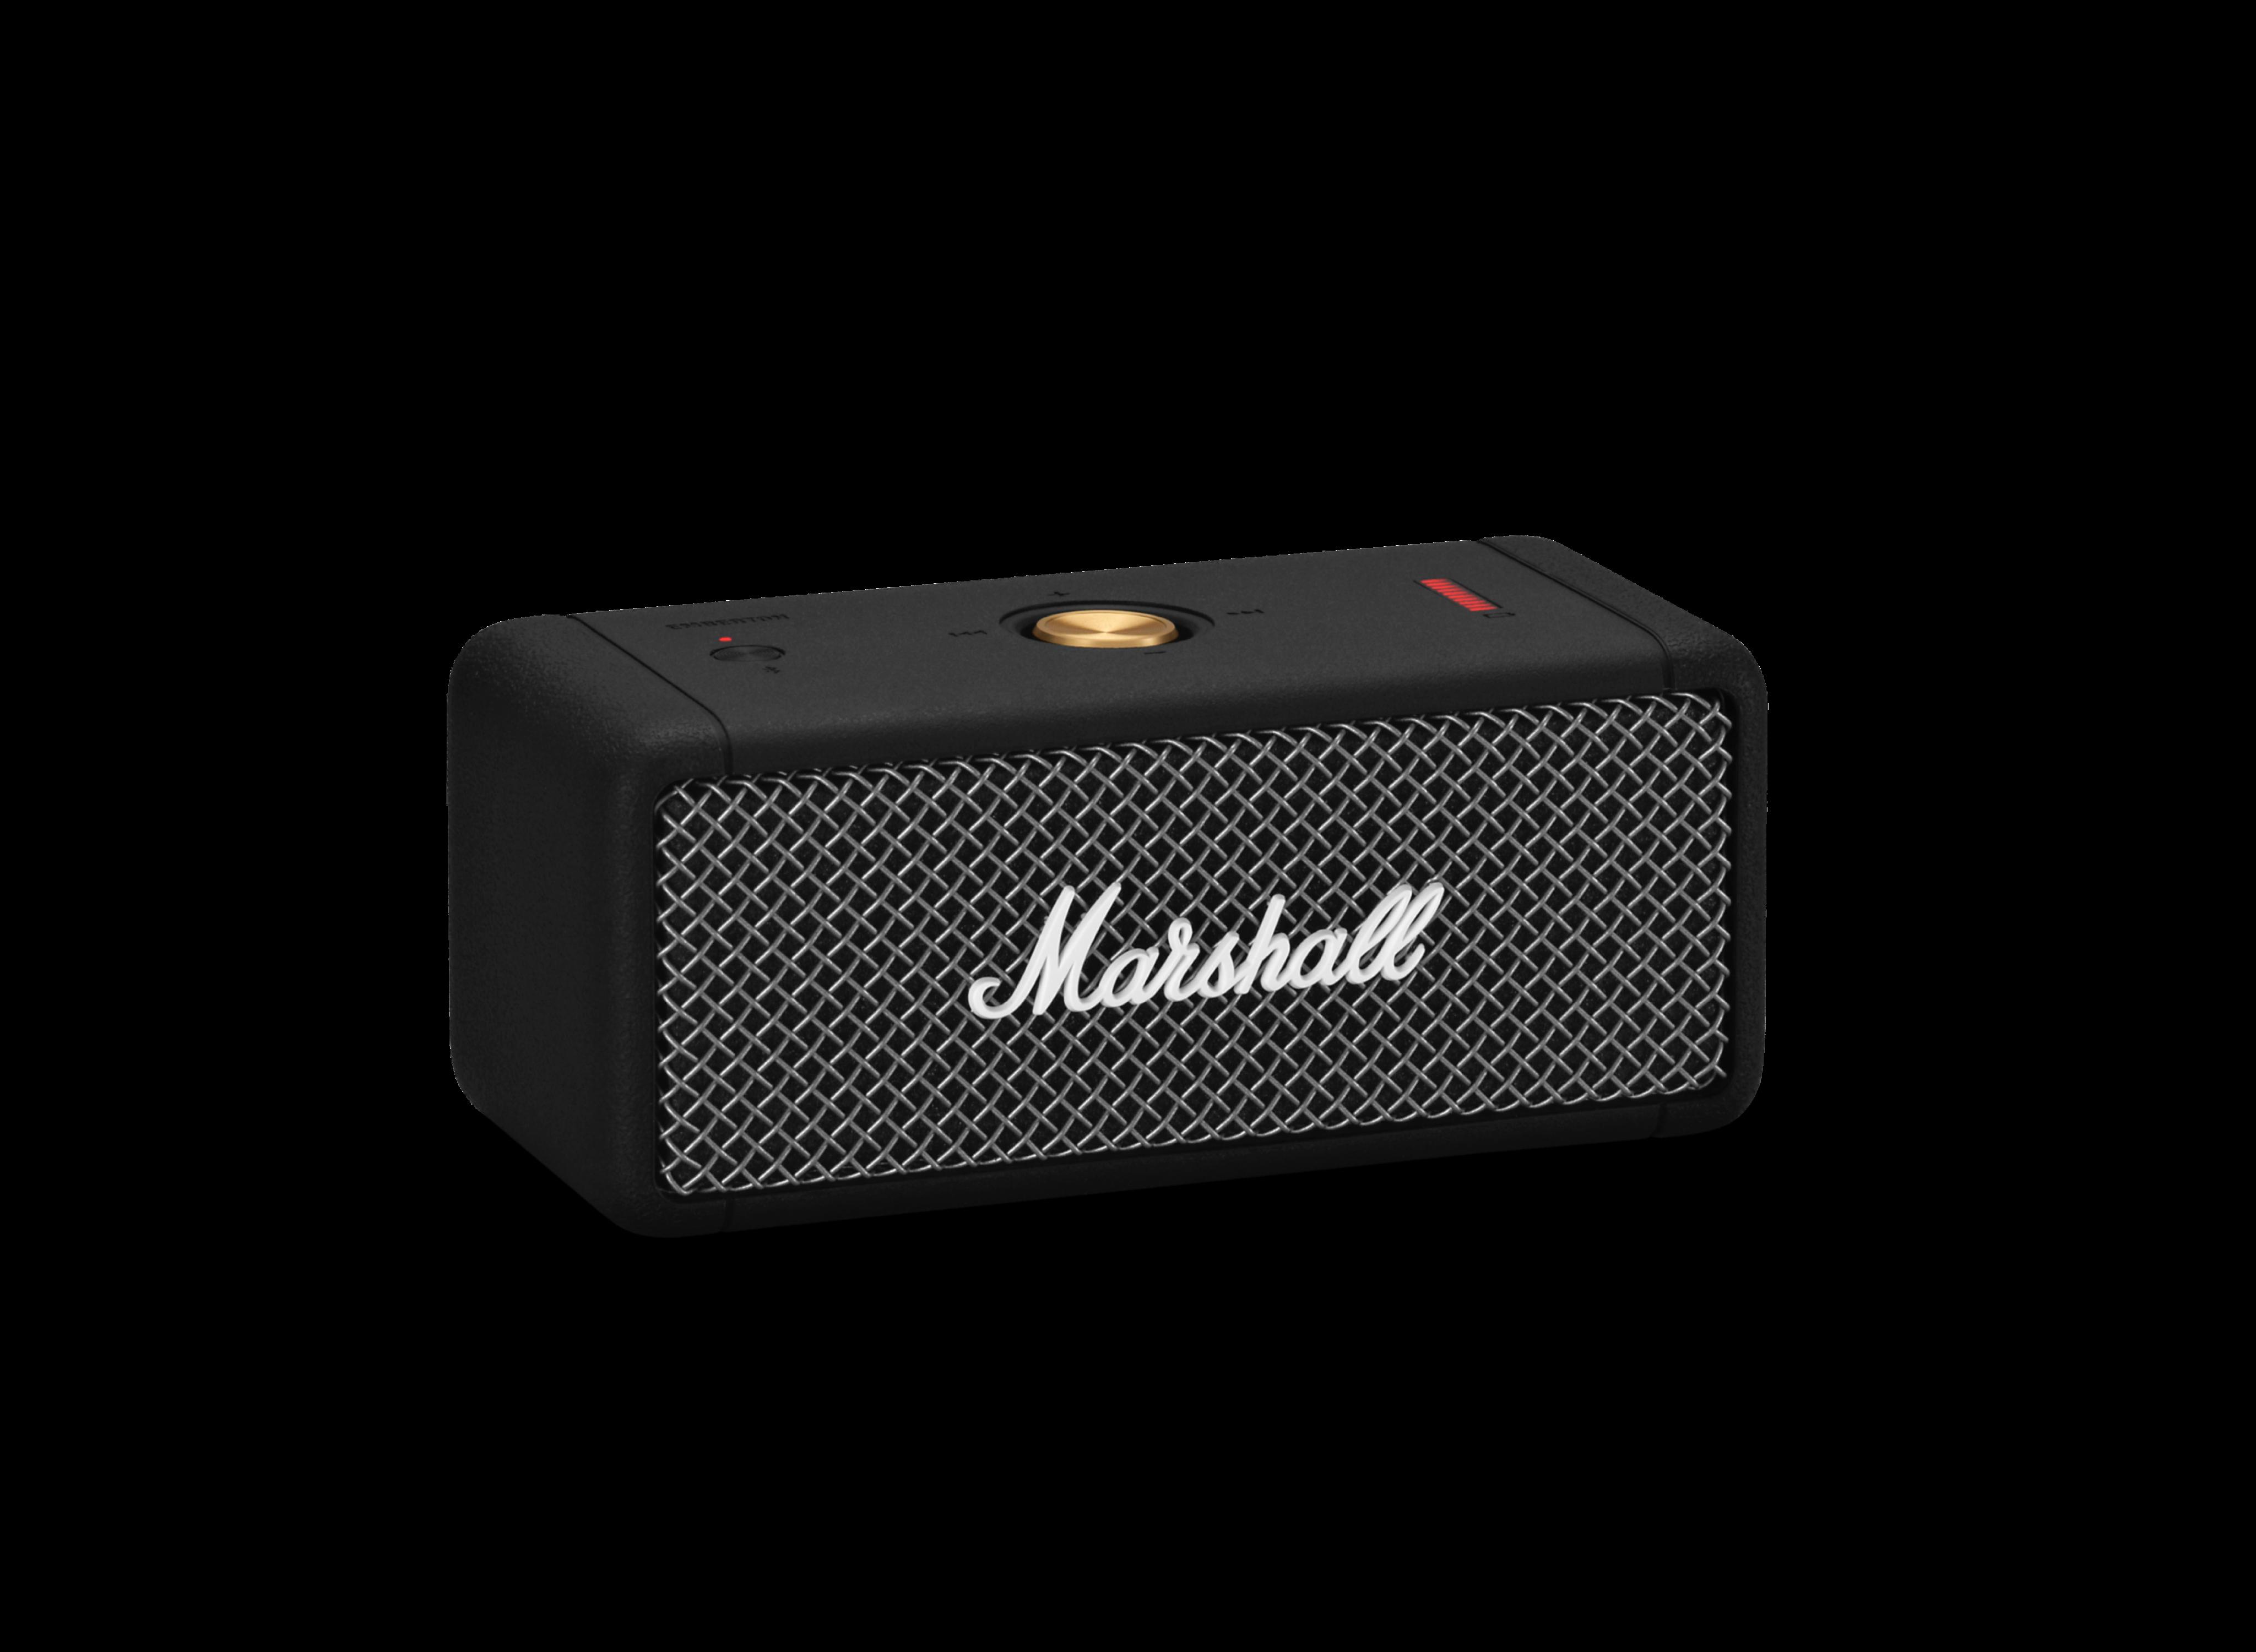 Marshall Emberton - Best Portable Bluetooth Speakers